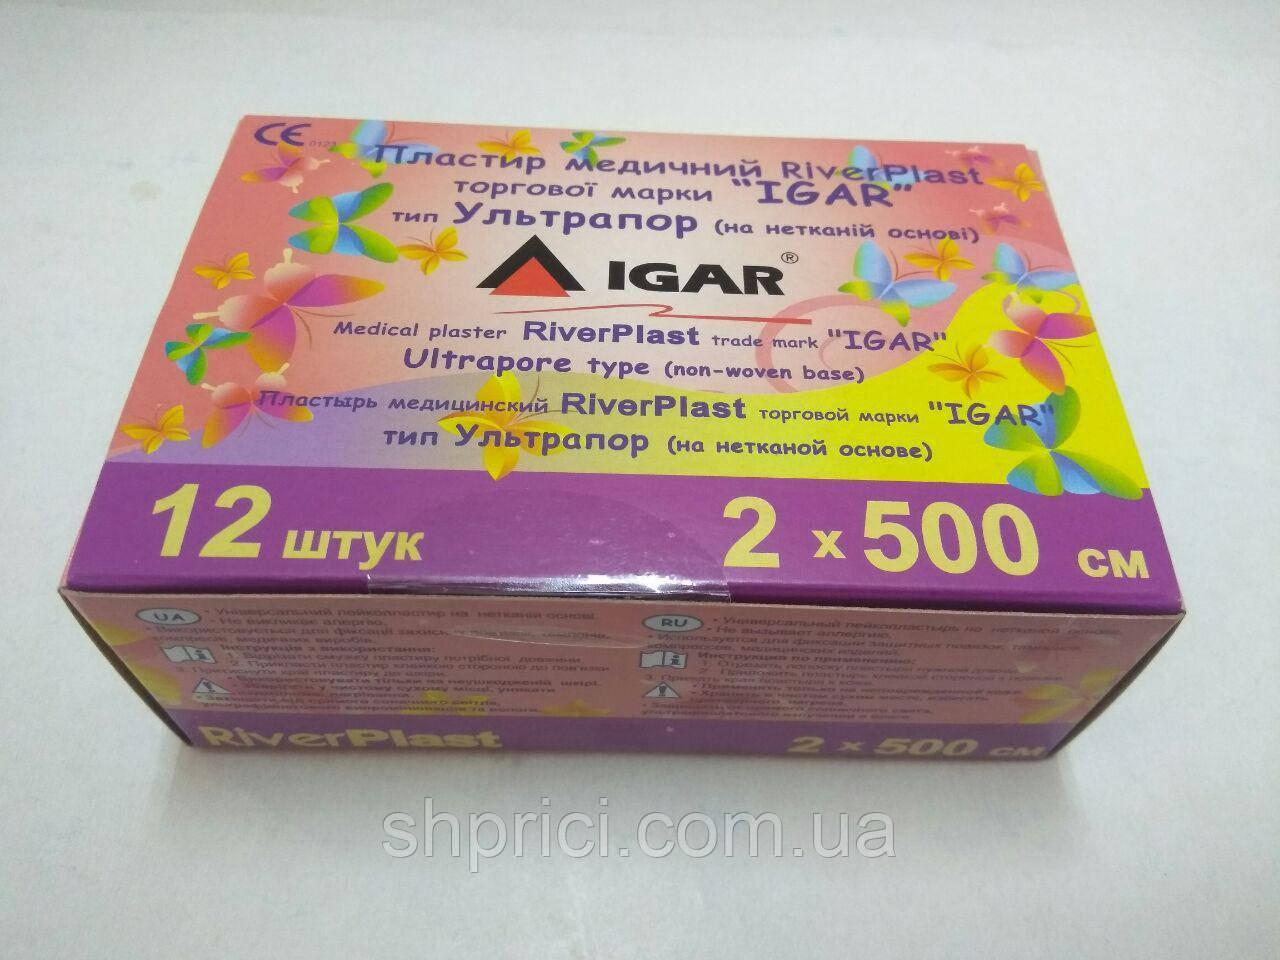 Пластырь медицинский 2*500 см Ультрапор (нетканая основа)/ RiverPlast / ИГАР, 1 шт.